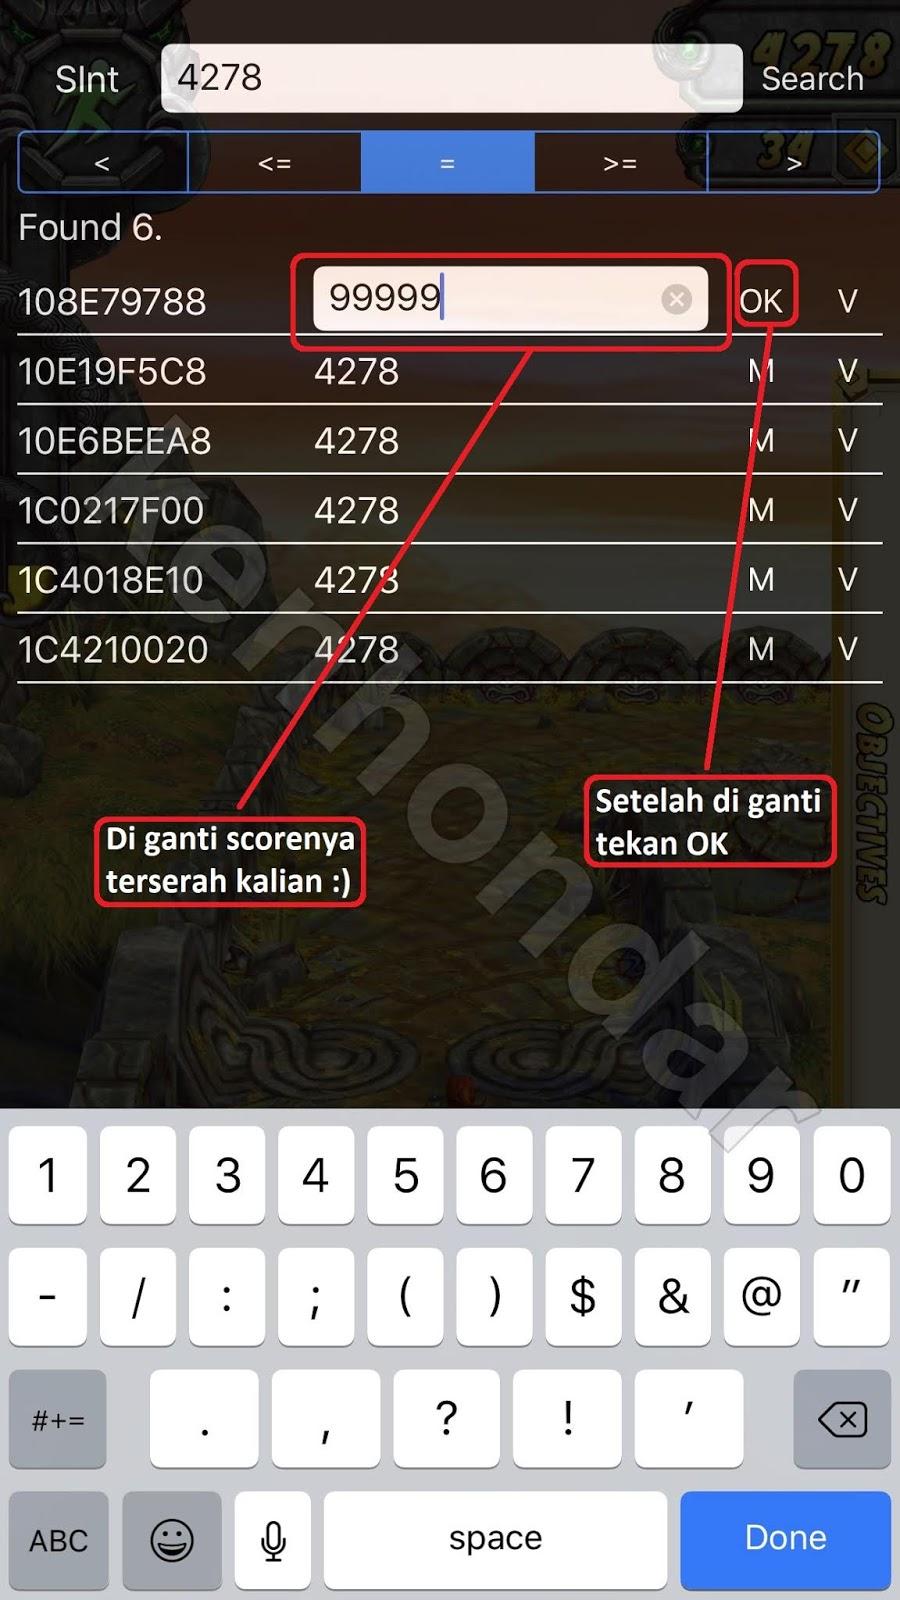 Cara Cheat Game Di iPhone & iPad Menggunakan Aplikasi Mirip Cheat